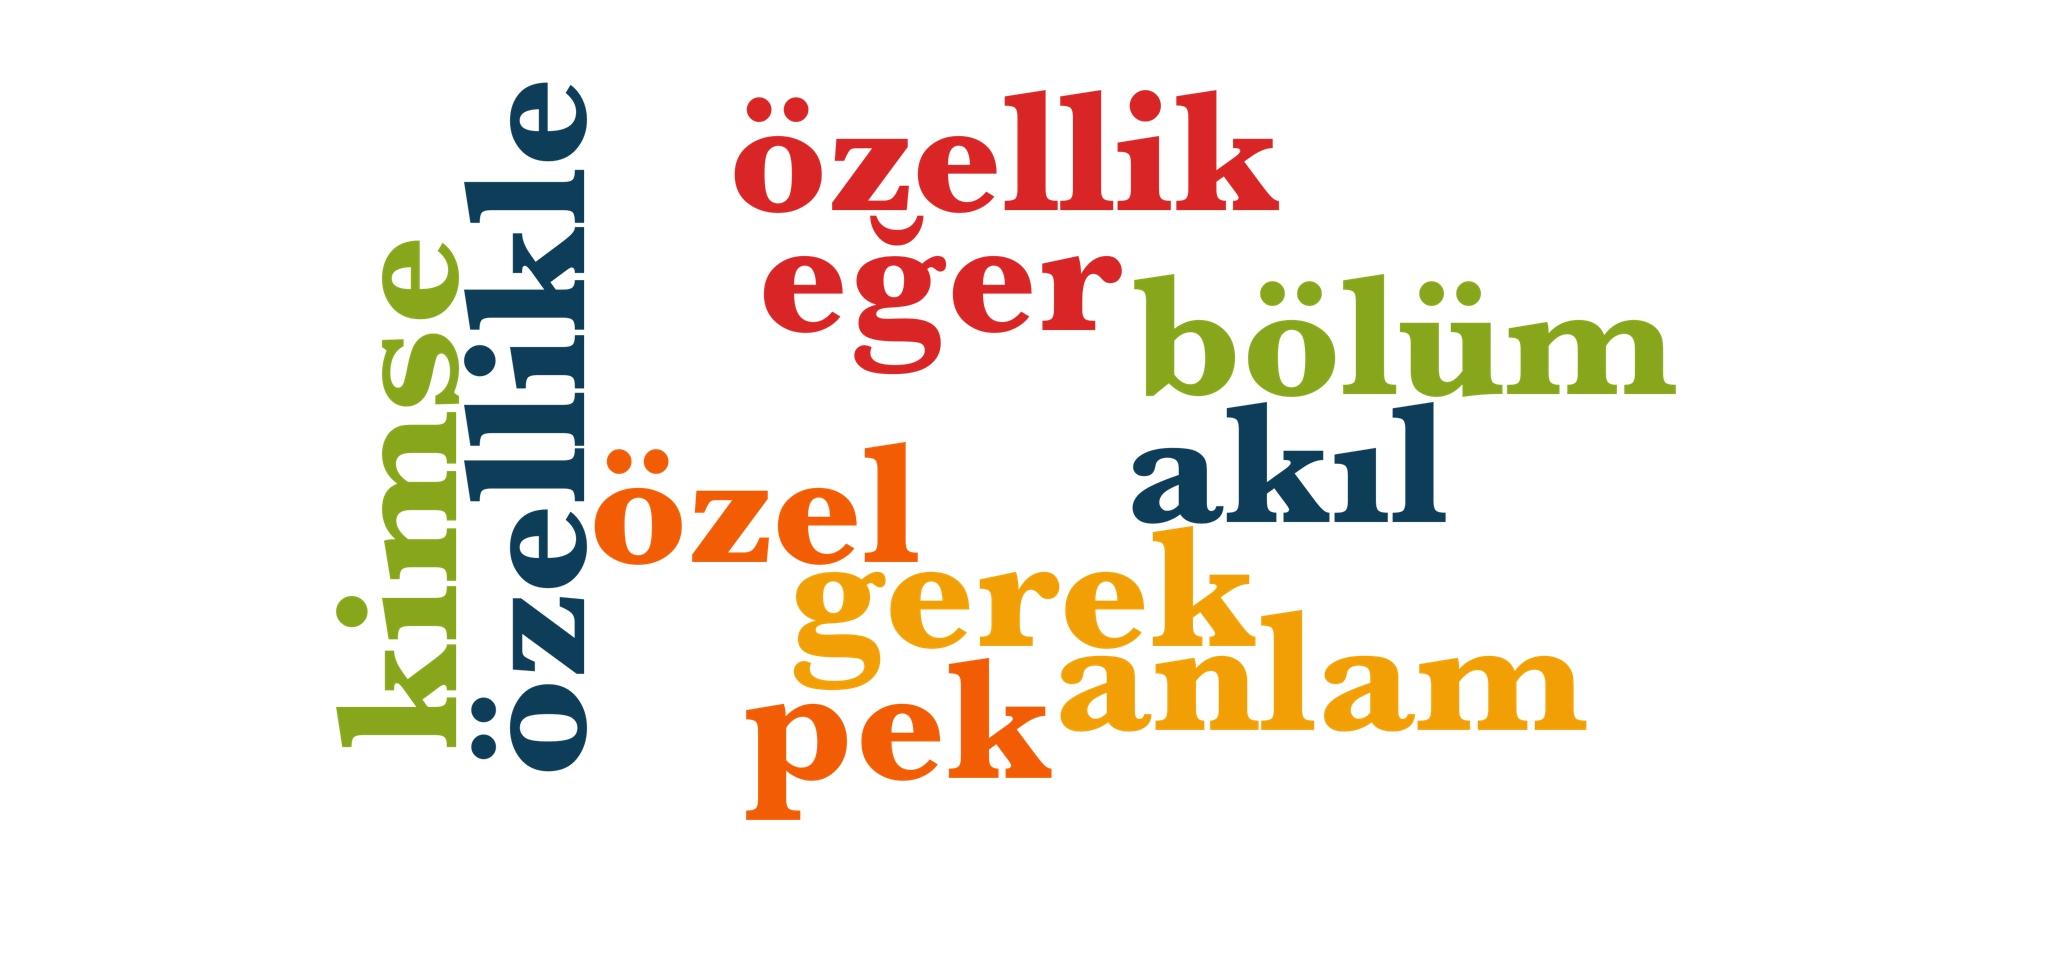 Wörter 221 bis 230 der 1000 häufigsten Wörter der türkischen Sprache